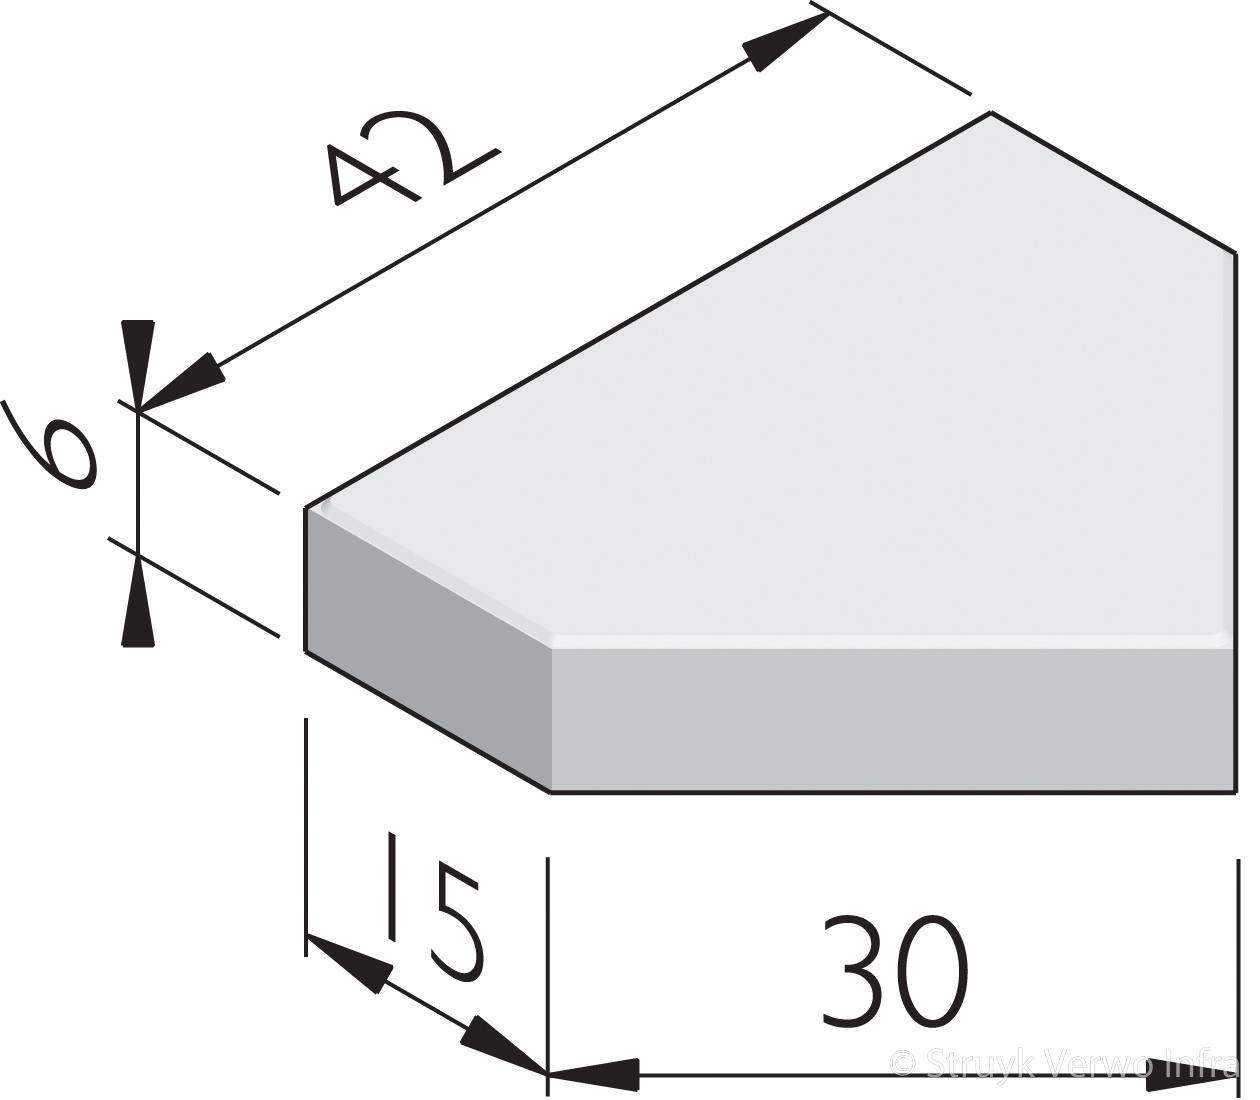 Bisschopmutsen 30 betonstraatstenen 30 cm breed for Ladenblok 30 cm breed